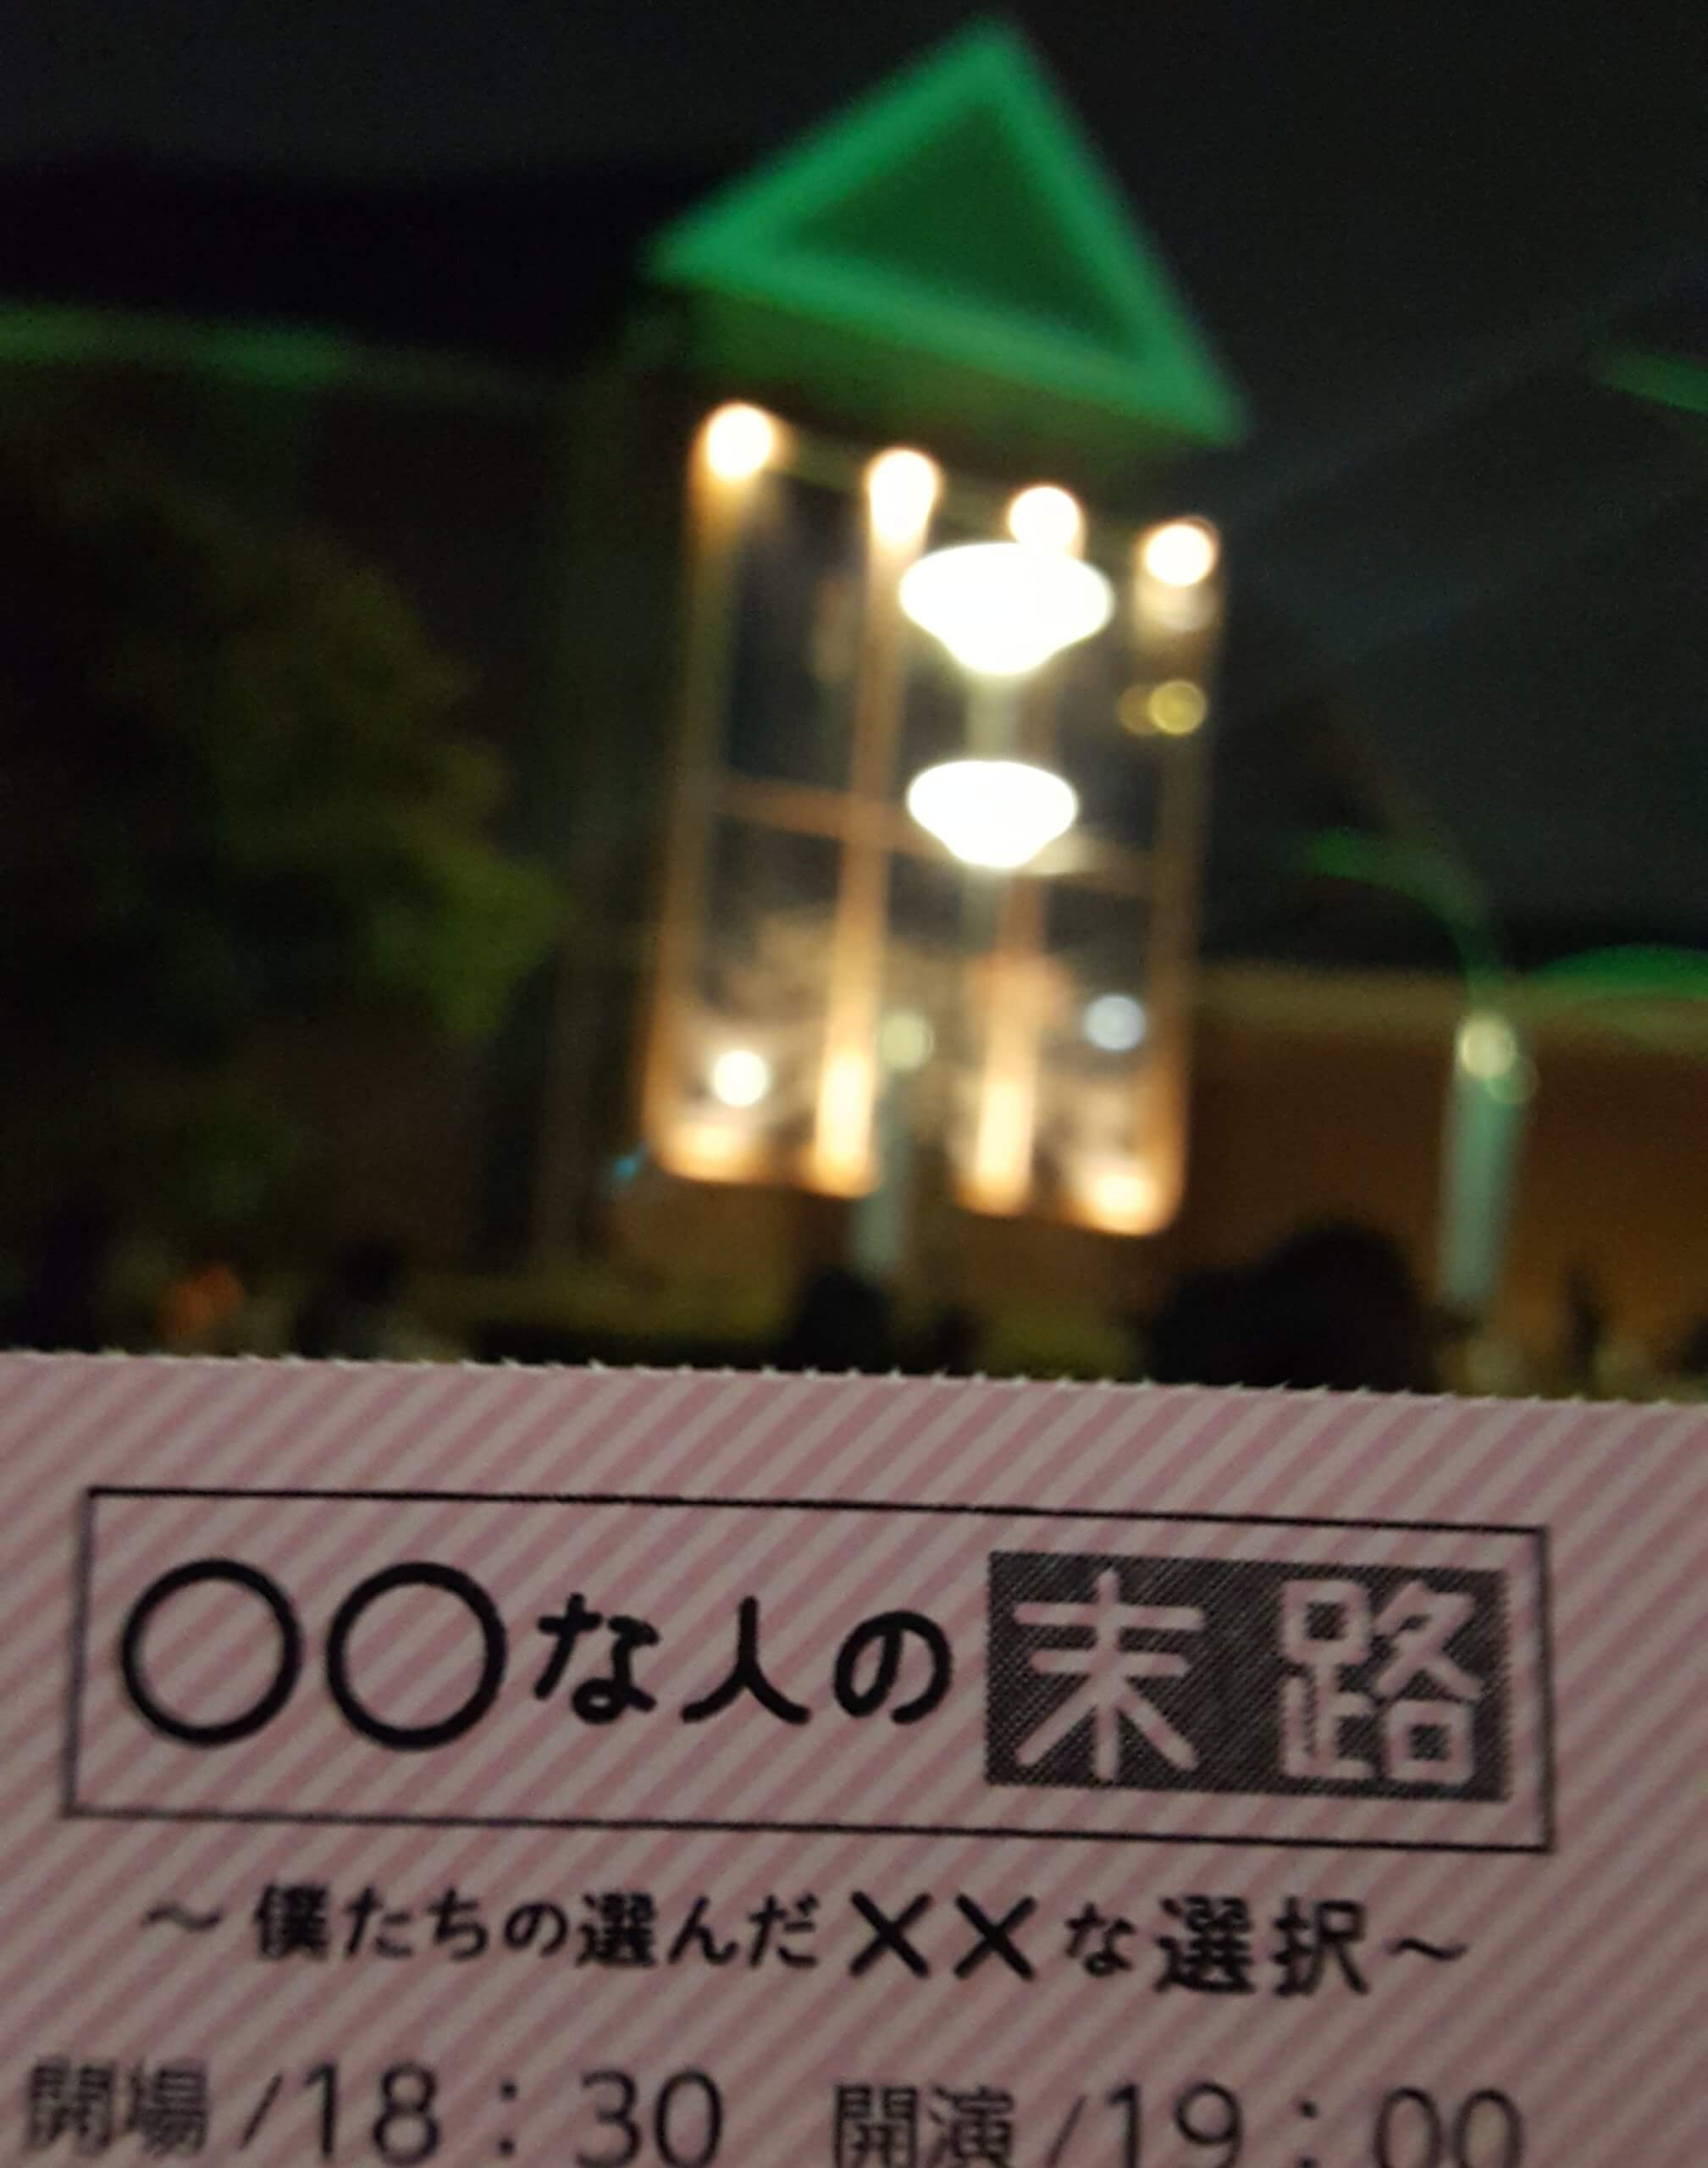 茶封筒の日(*ˊ▽ ` *)そして舞台【〇〇な人の末路】海公演初日おめでとうございます!!本日海公演行ってきました~(*≧∀≦)